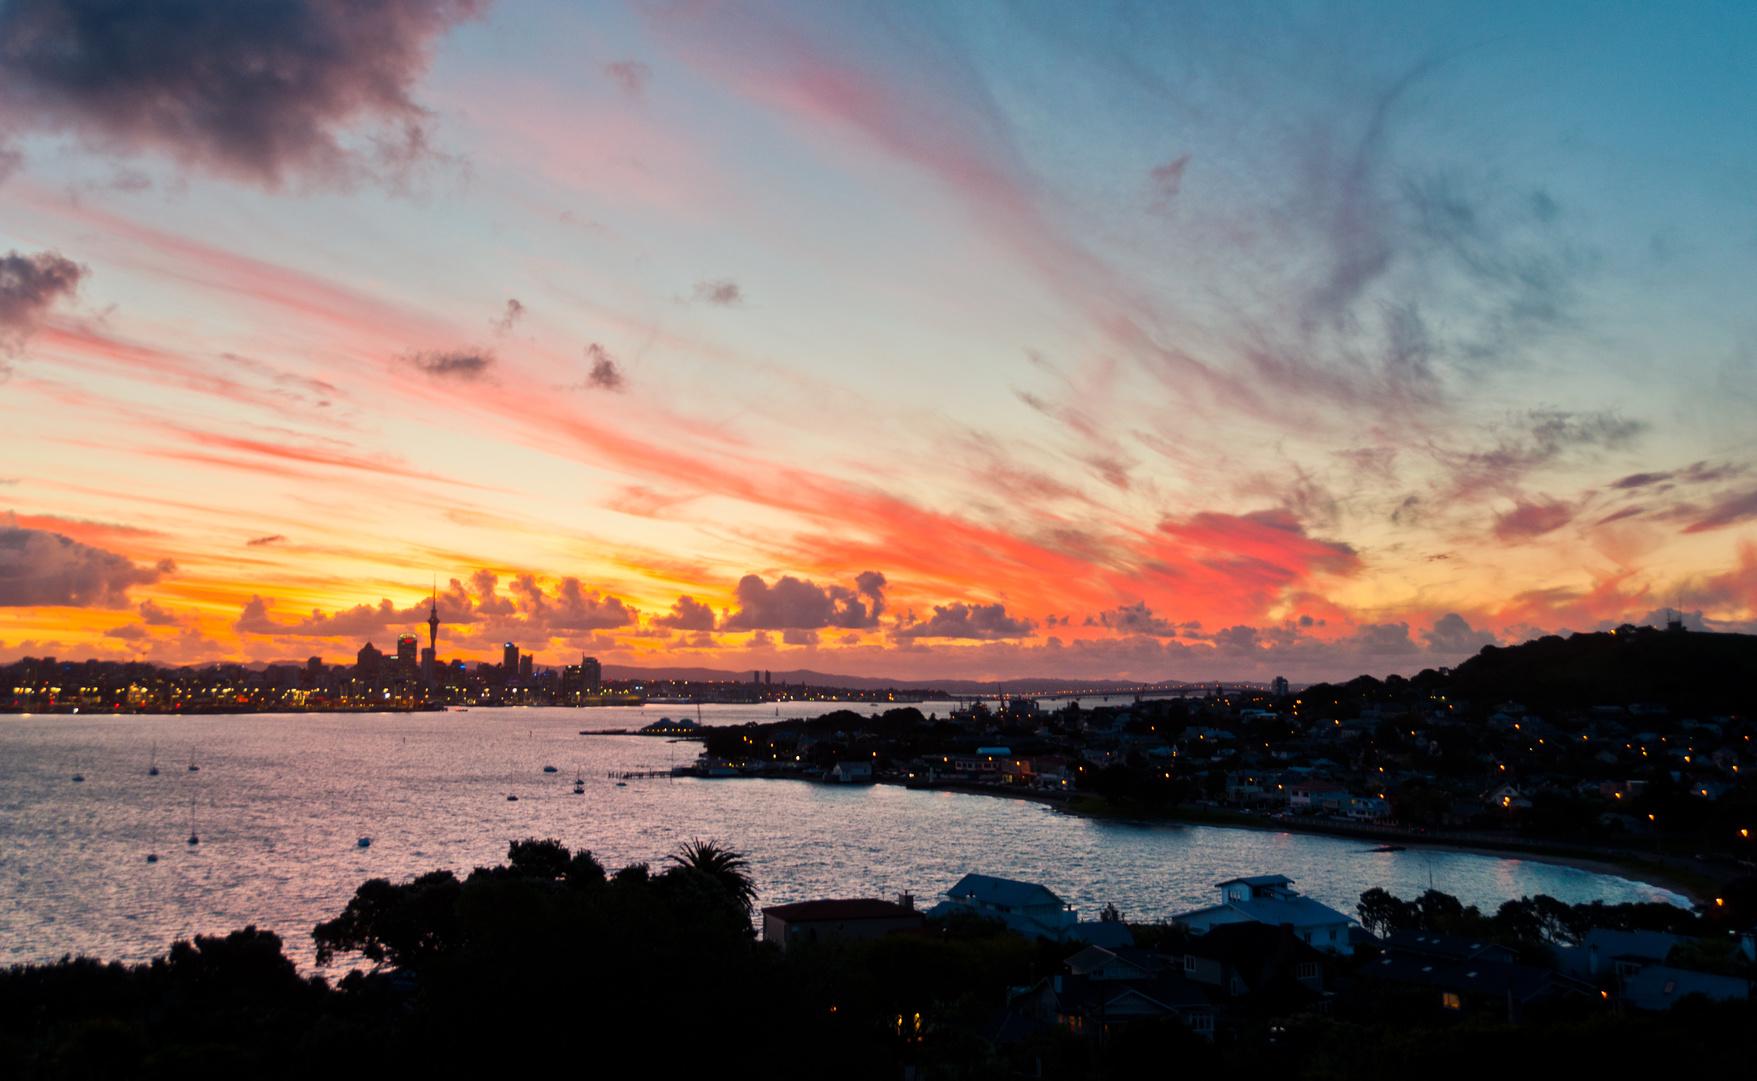 D'un WHV Australie à un WHV Nouvelle-Zélande, Oz ton tour raconte leur expérience